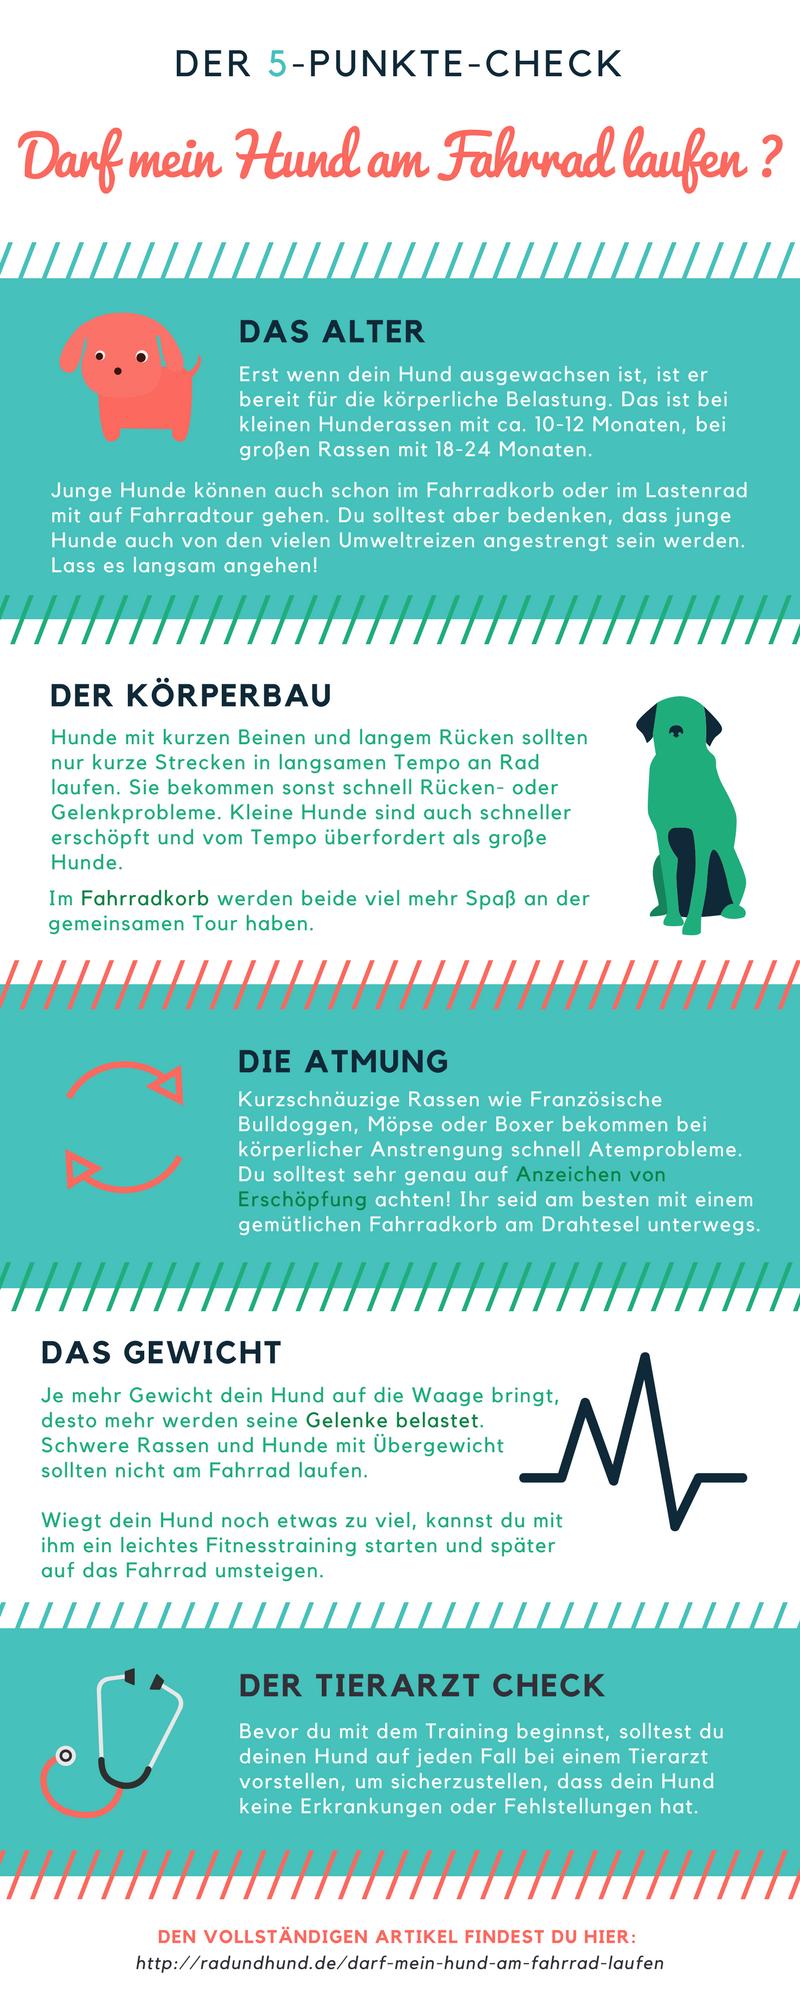 Infografik Darf mein Hund am Fahrrad laufen